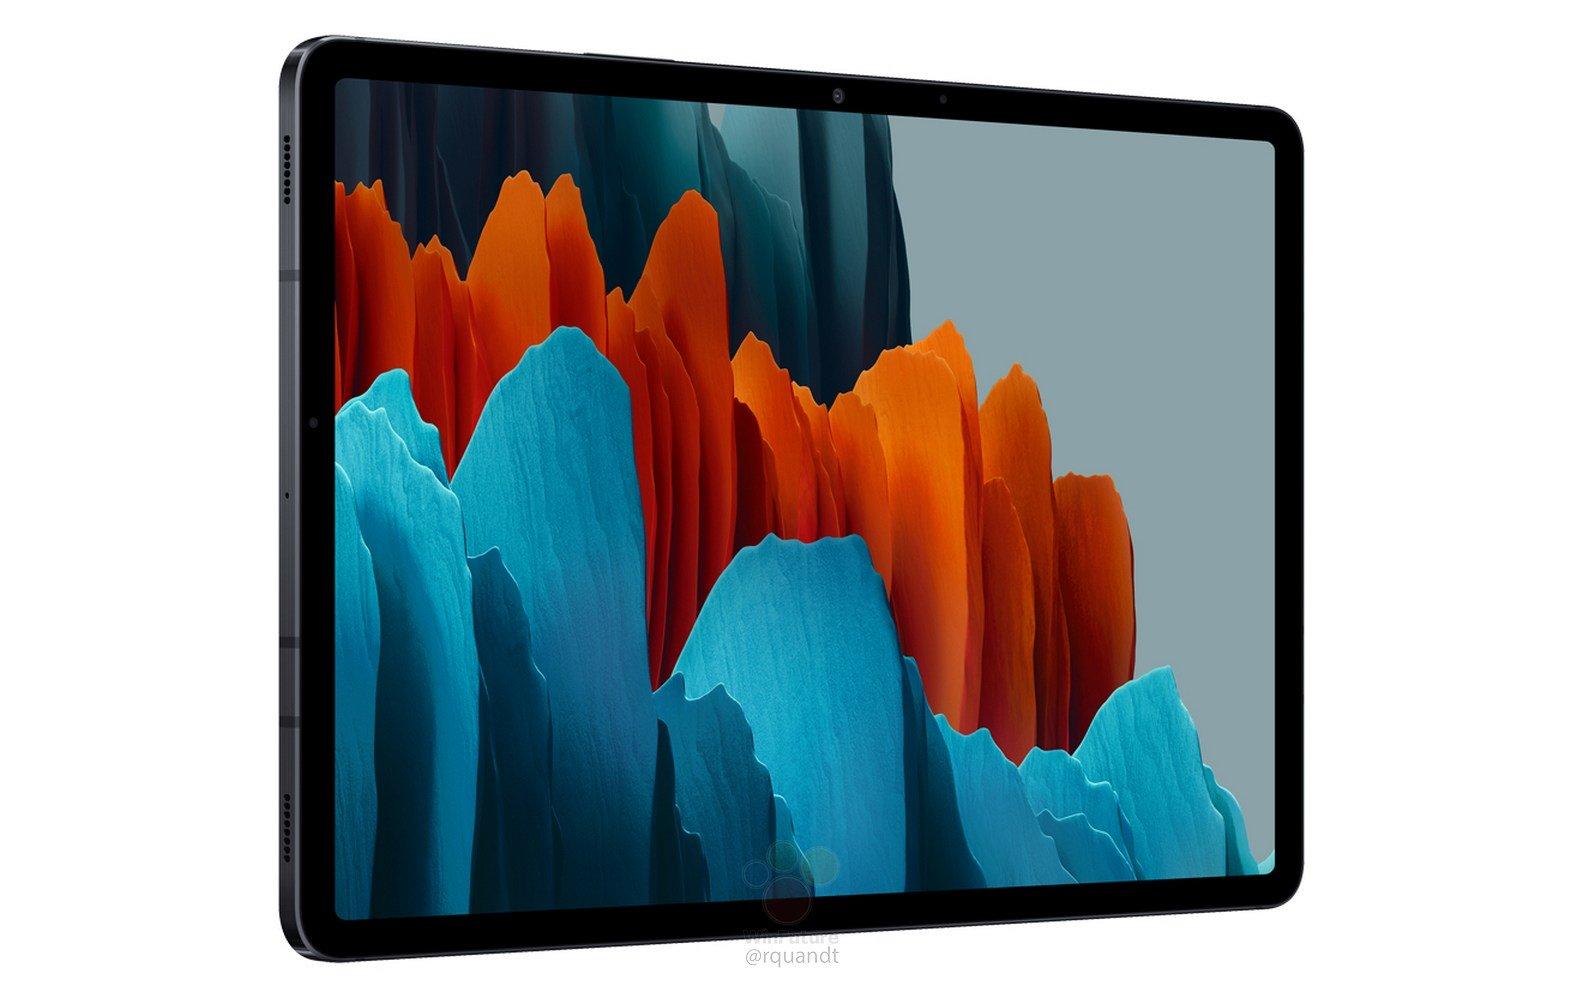 Samsung Galaxy TabS7 et S7 Plus: fuite du design et des caractéristiques